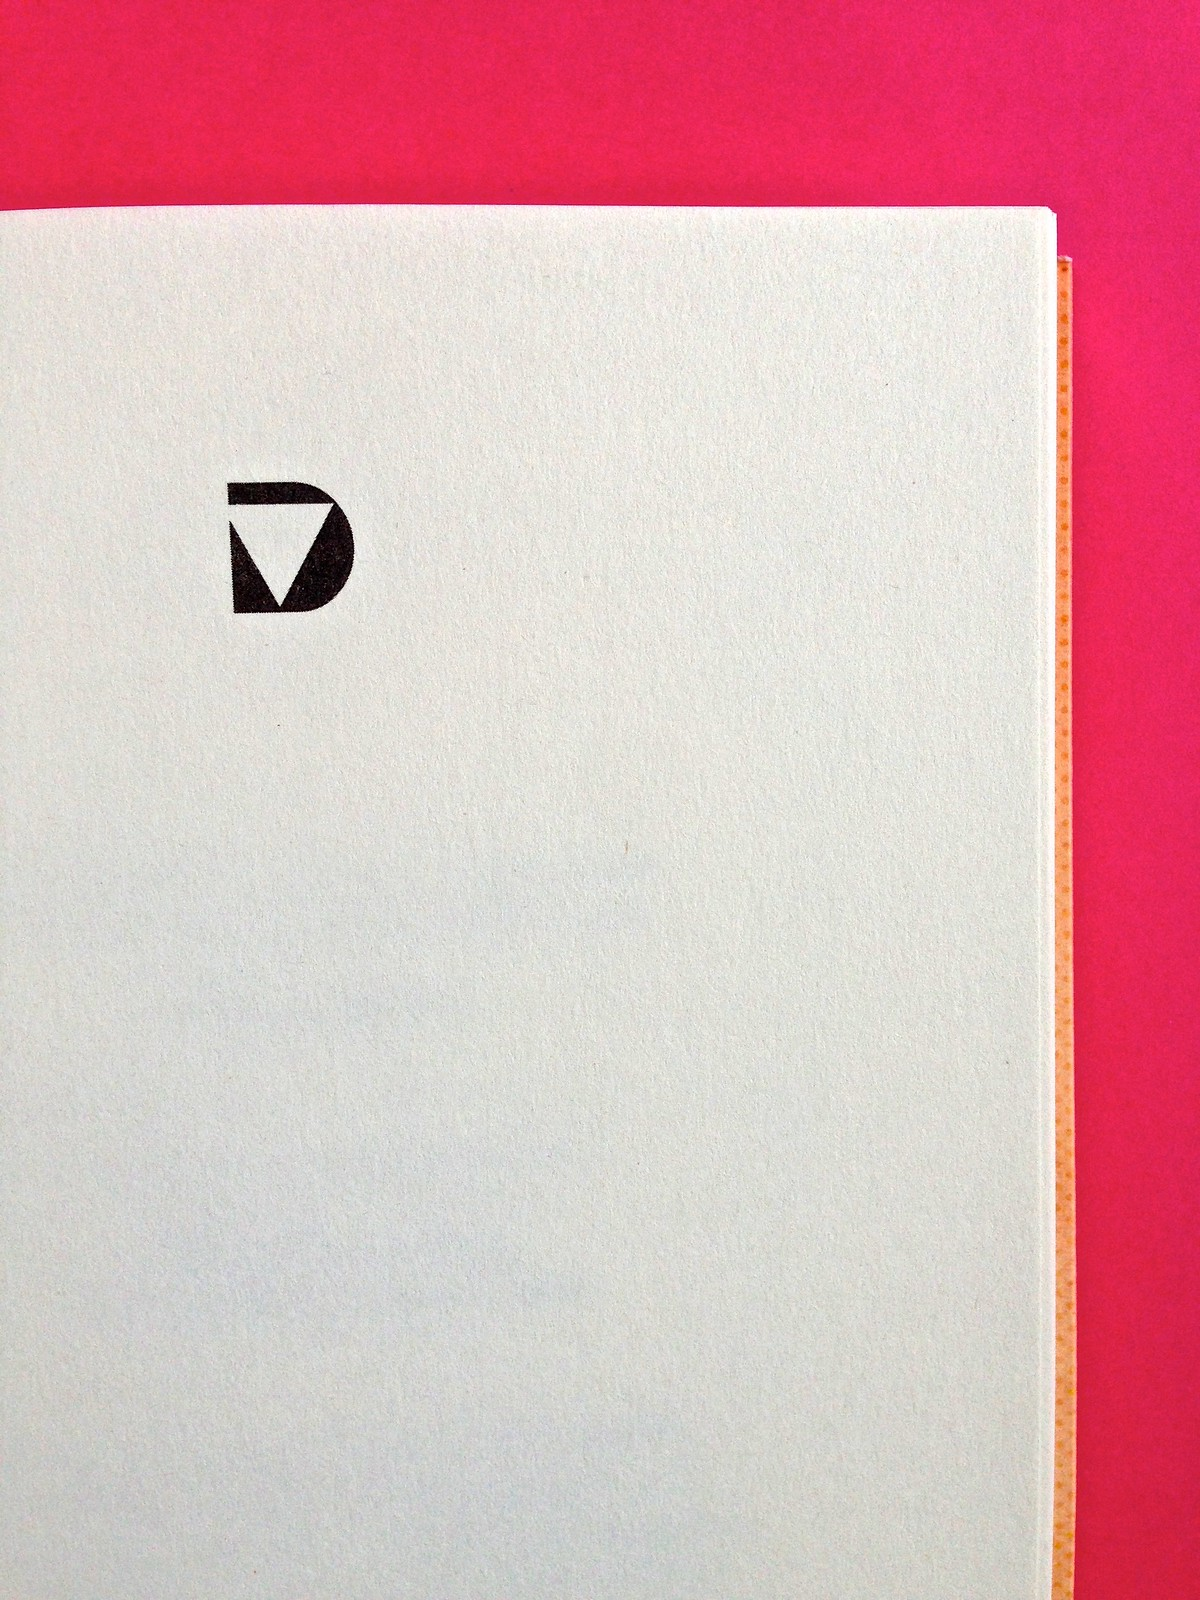 La stella del vespro, di Colette. Del Vecchio Editore 2015. Art direction, cover, illustrazioni, logo design: IFIX | Maurizio Ceccato. Carta di guardia / pagina dell'occhiello, a pag. 1 (part.), 1